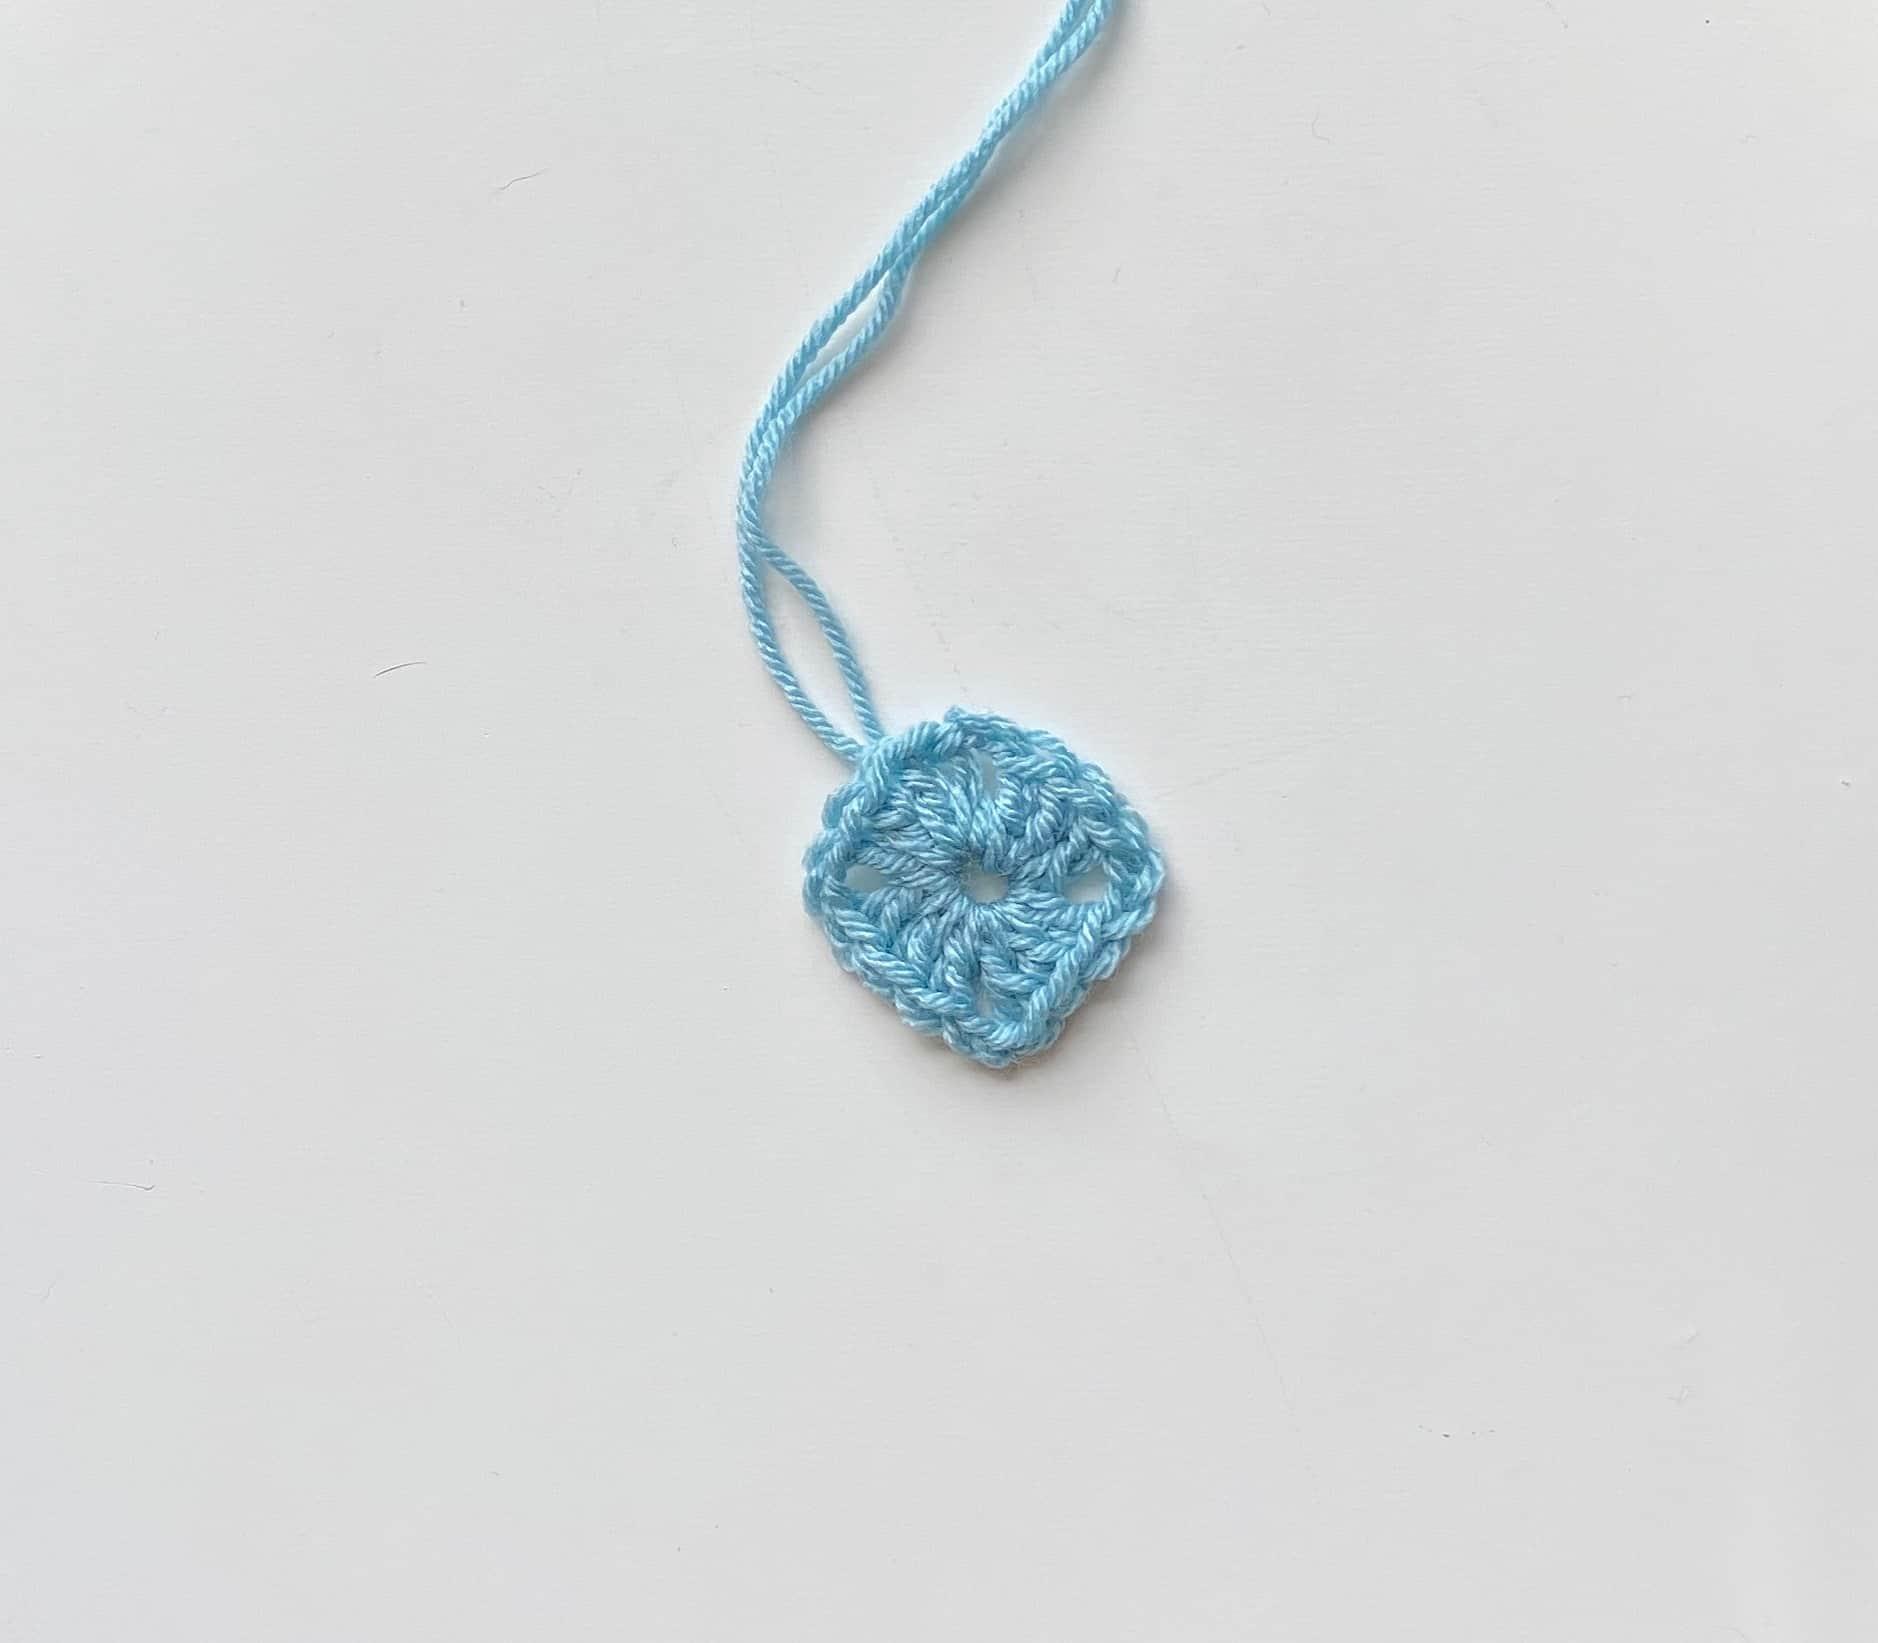 blue crochet granny square